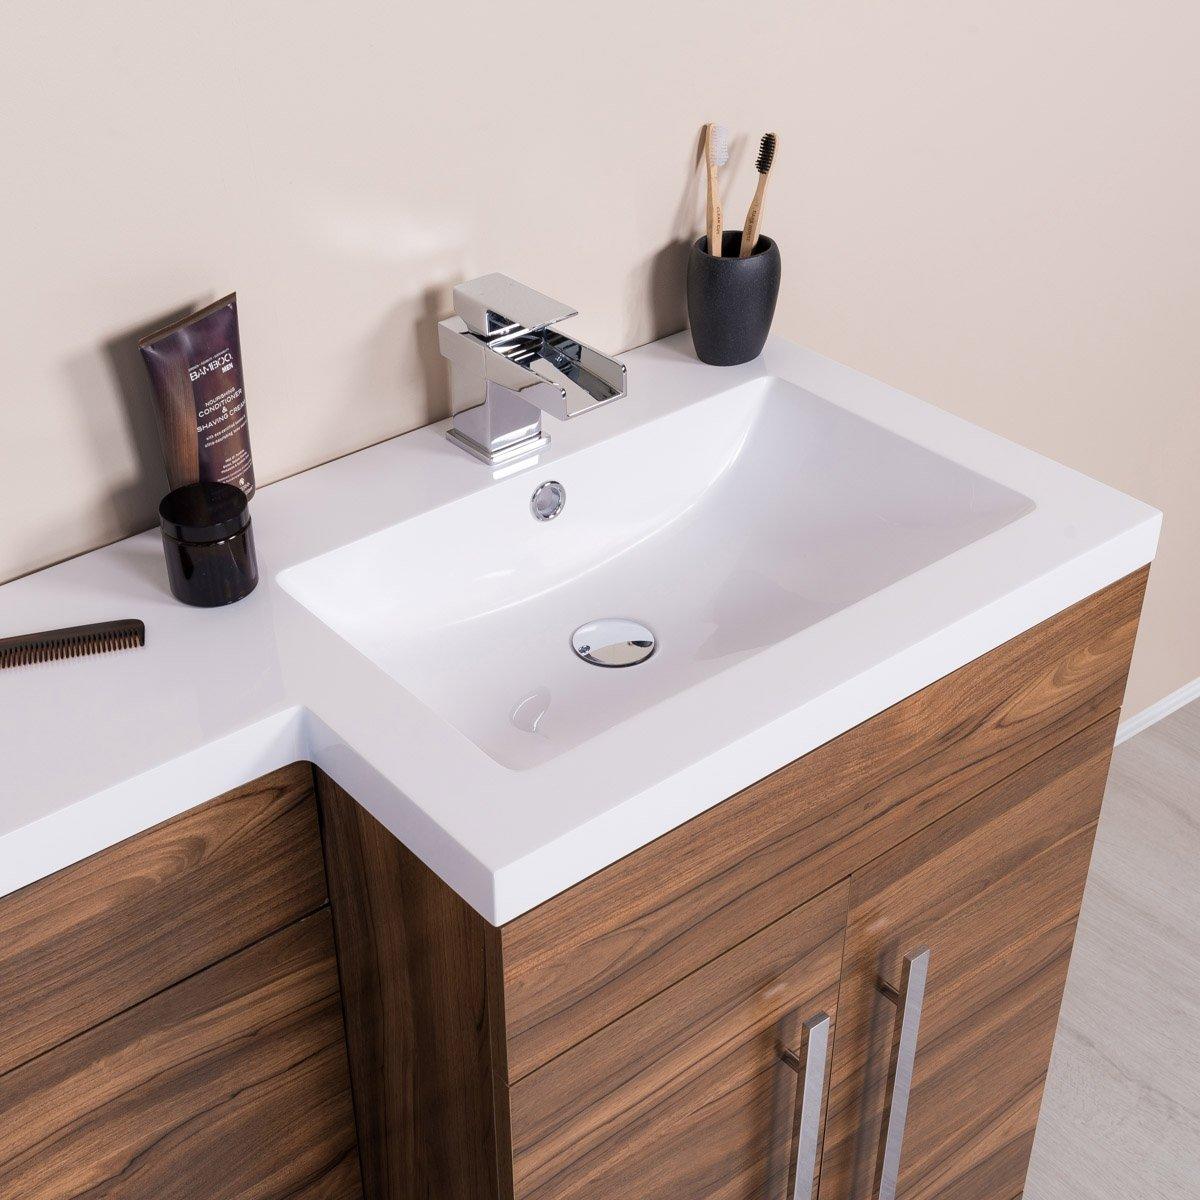 ensemble meuble sous vasque calm avec wc et lavabo inclus gris ch ne noyer ebay. Black Bedroom Furniture Sets. Home Design Ideas